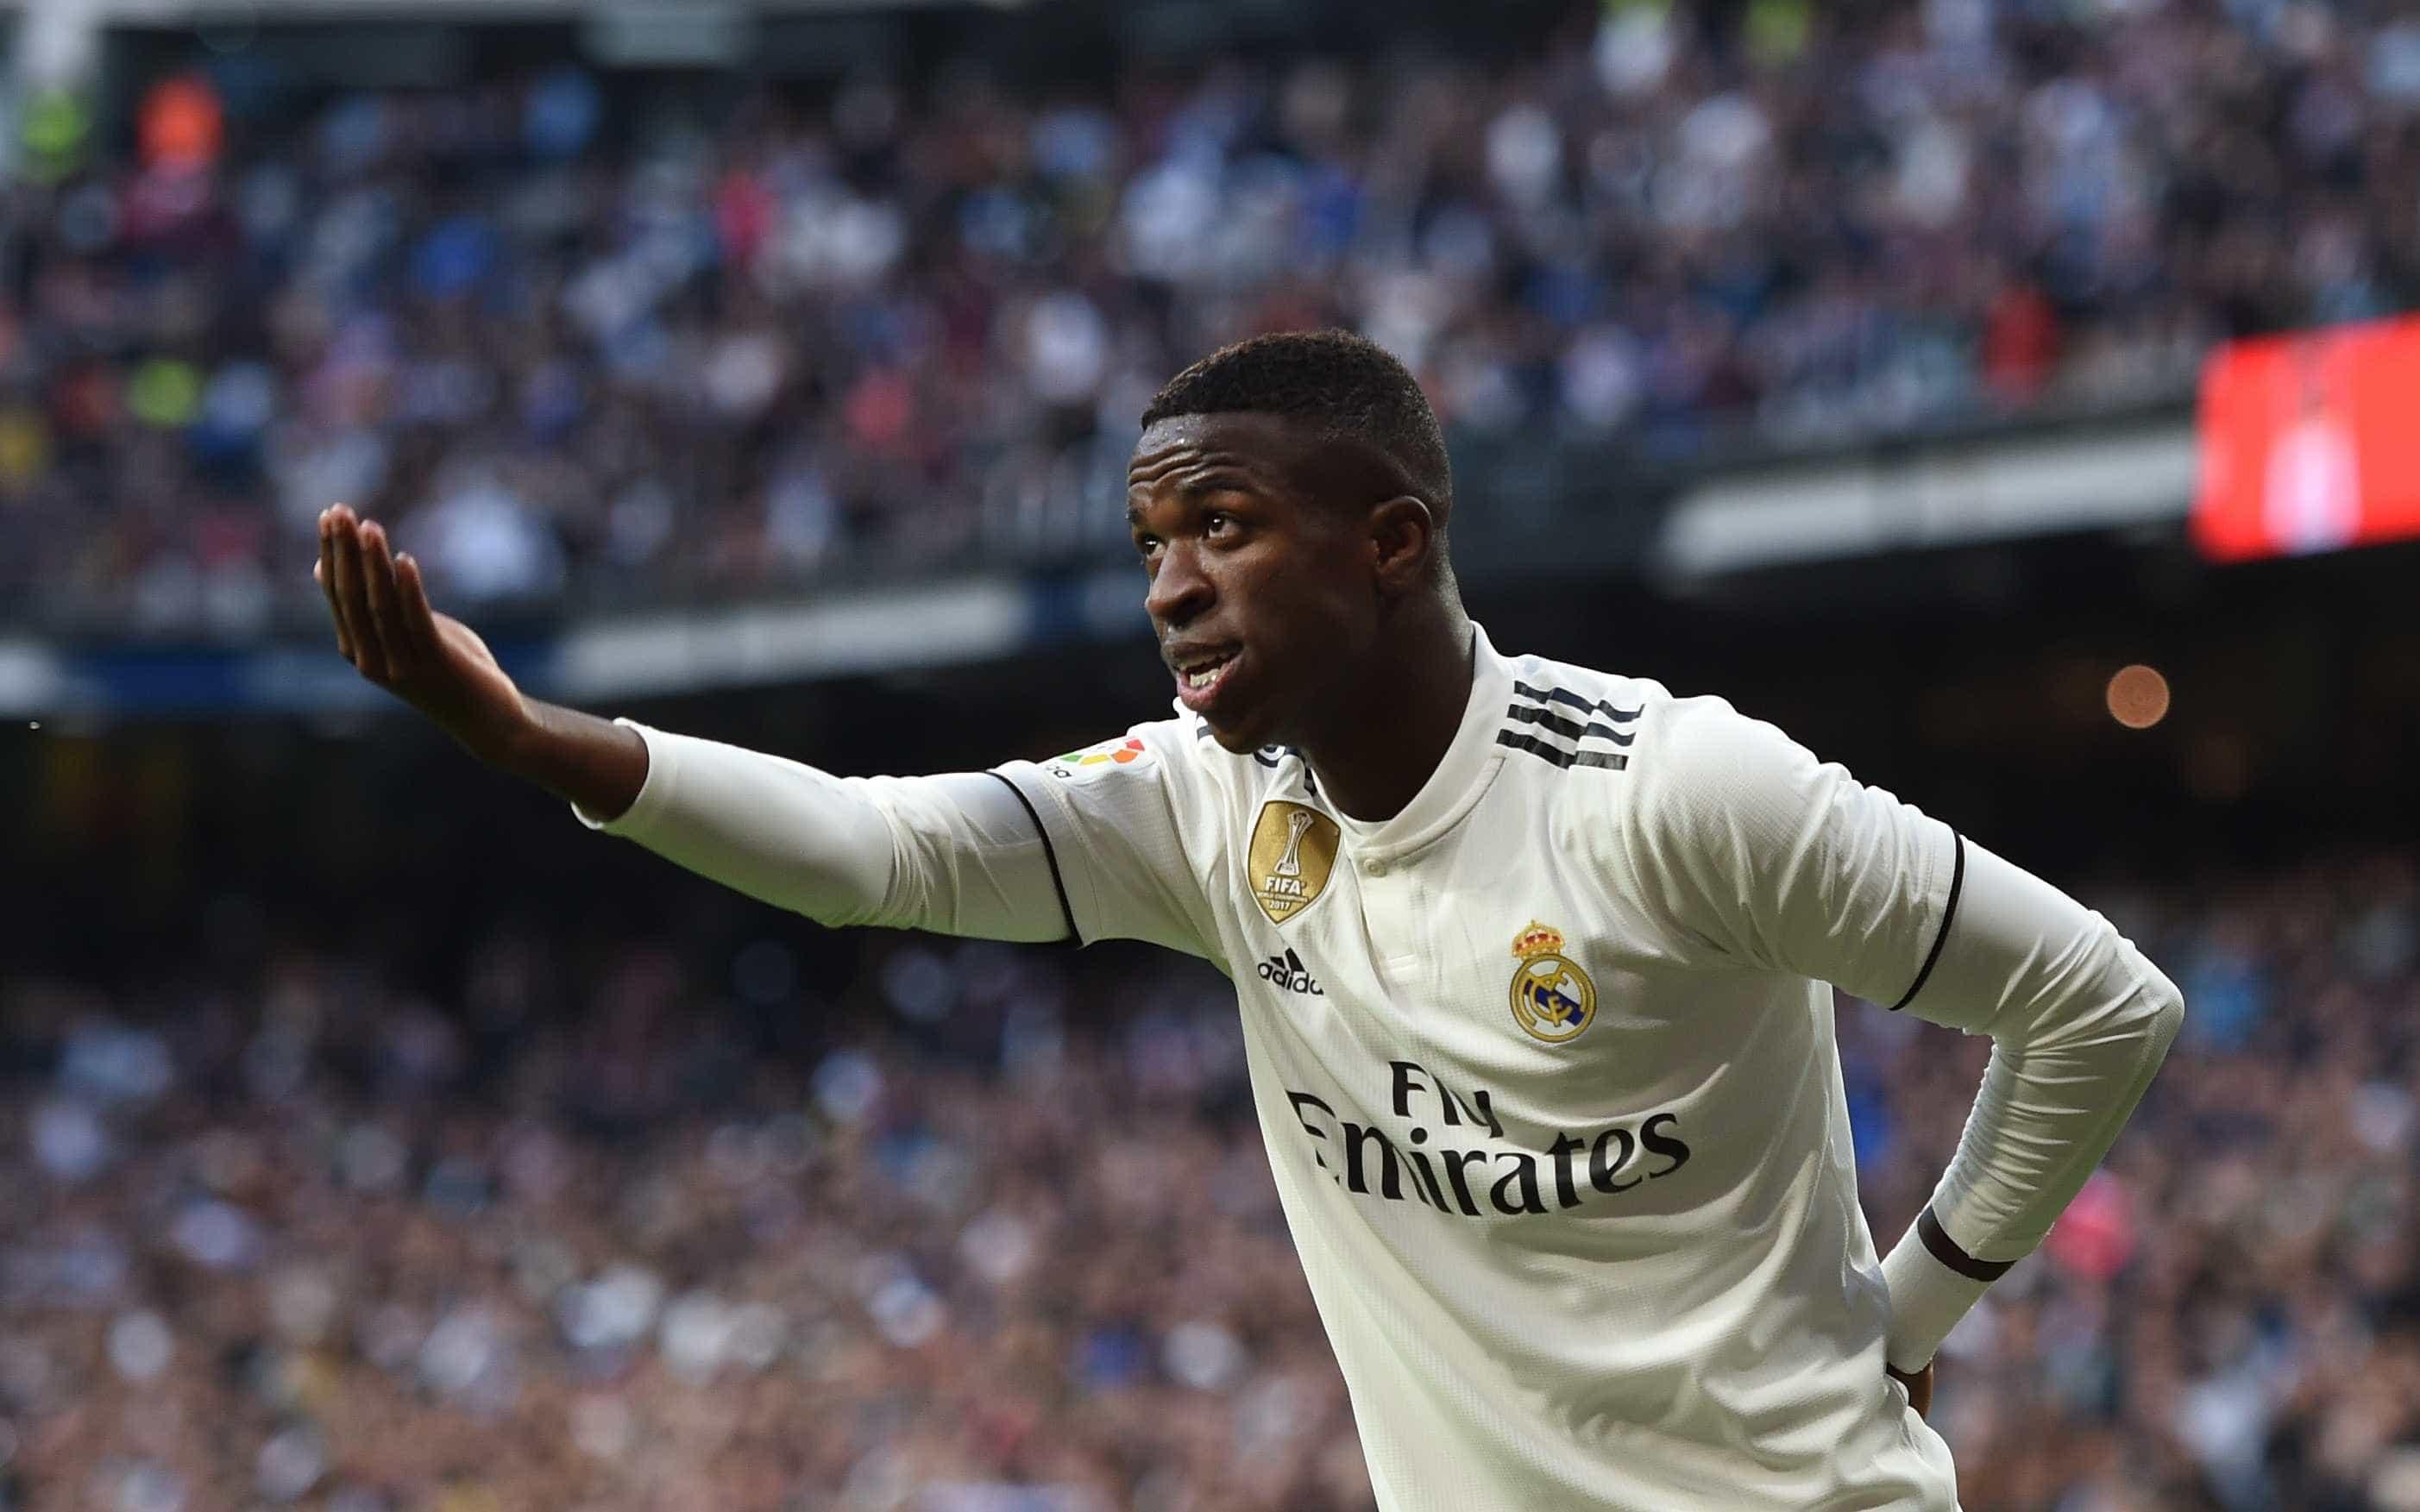 Real Madrid relaciona Vinícius Júnior para o Mundial de Clubes